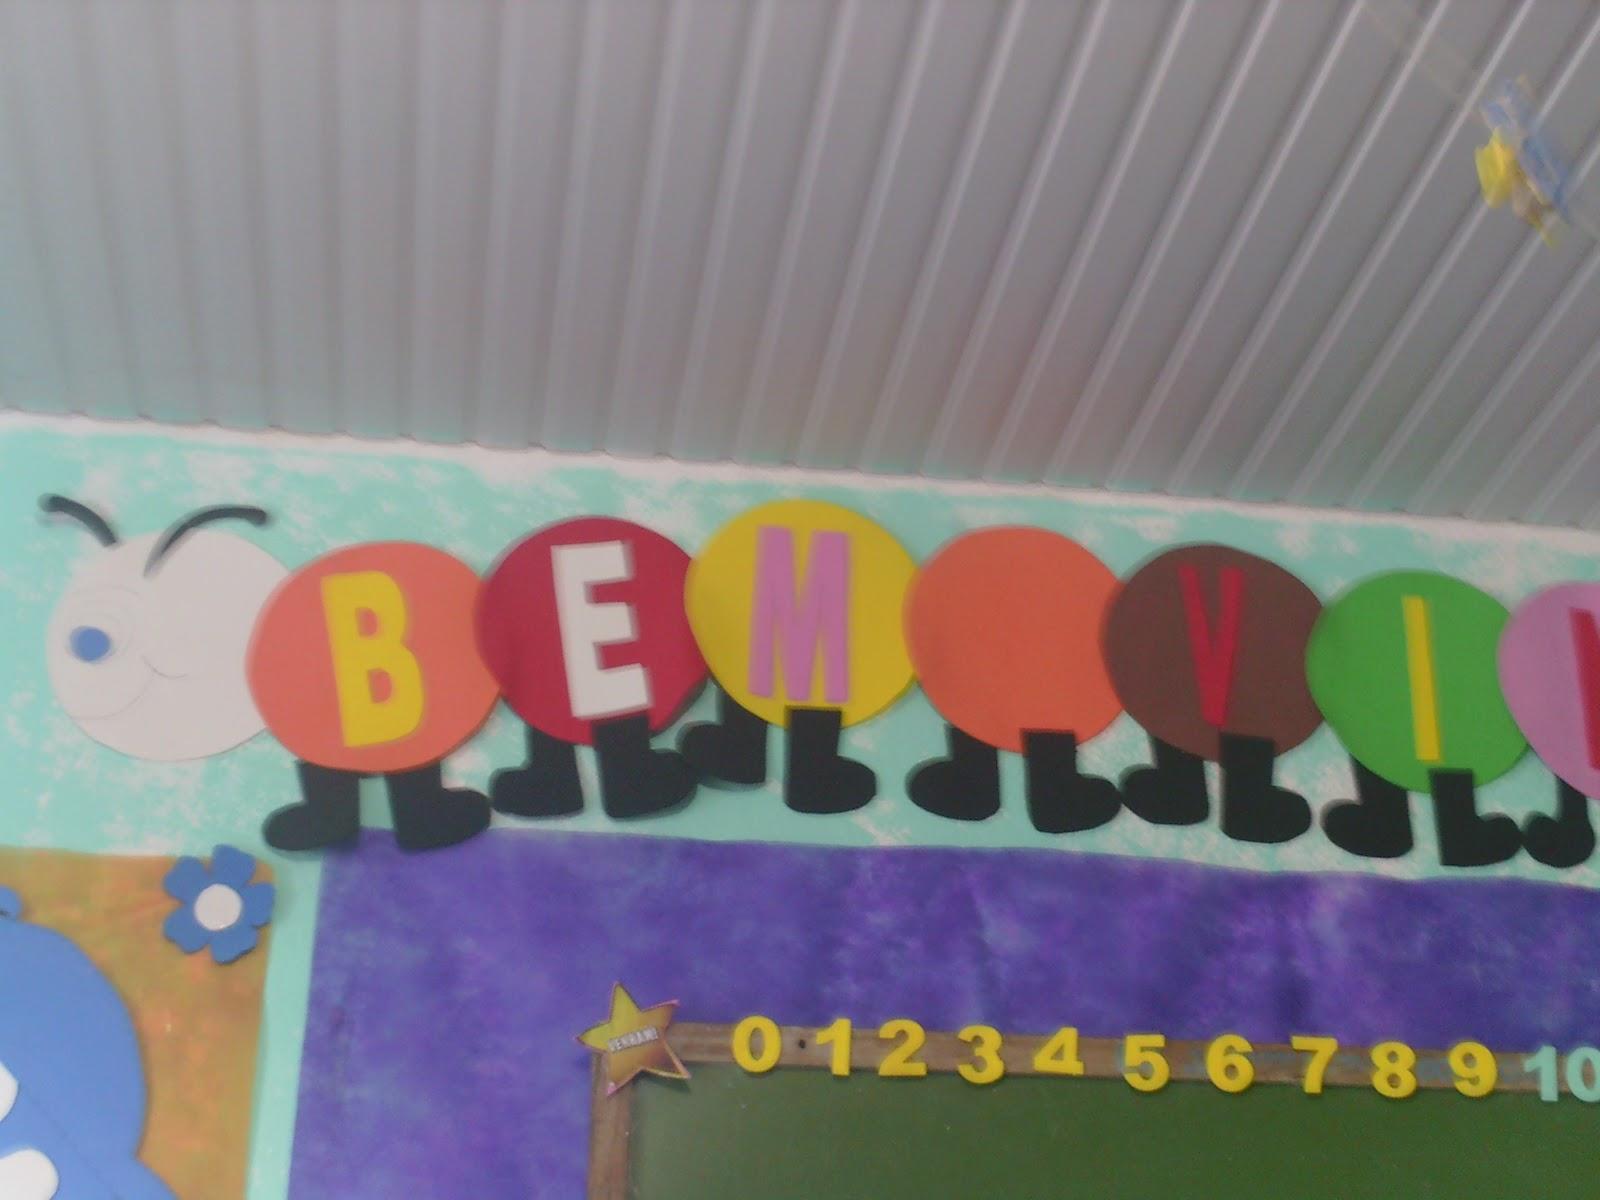 Suficiente Cheila Pinturas e Escolinha Bíblica: Decoração Sala Escola Dominical SB52